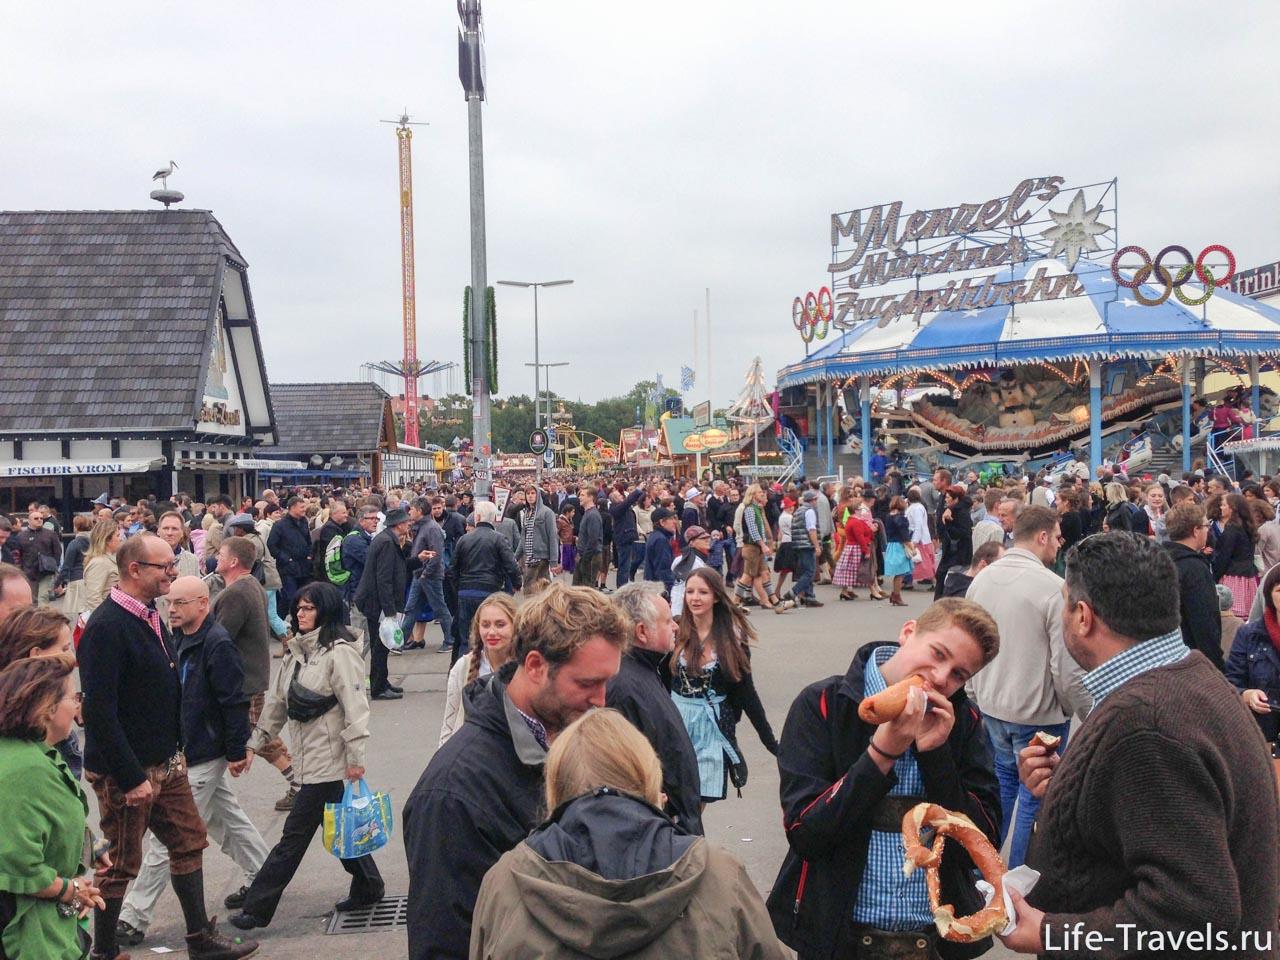 Oktoberfest main street and Brezel